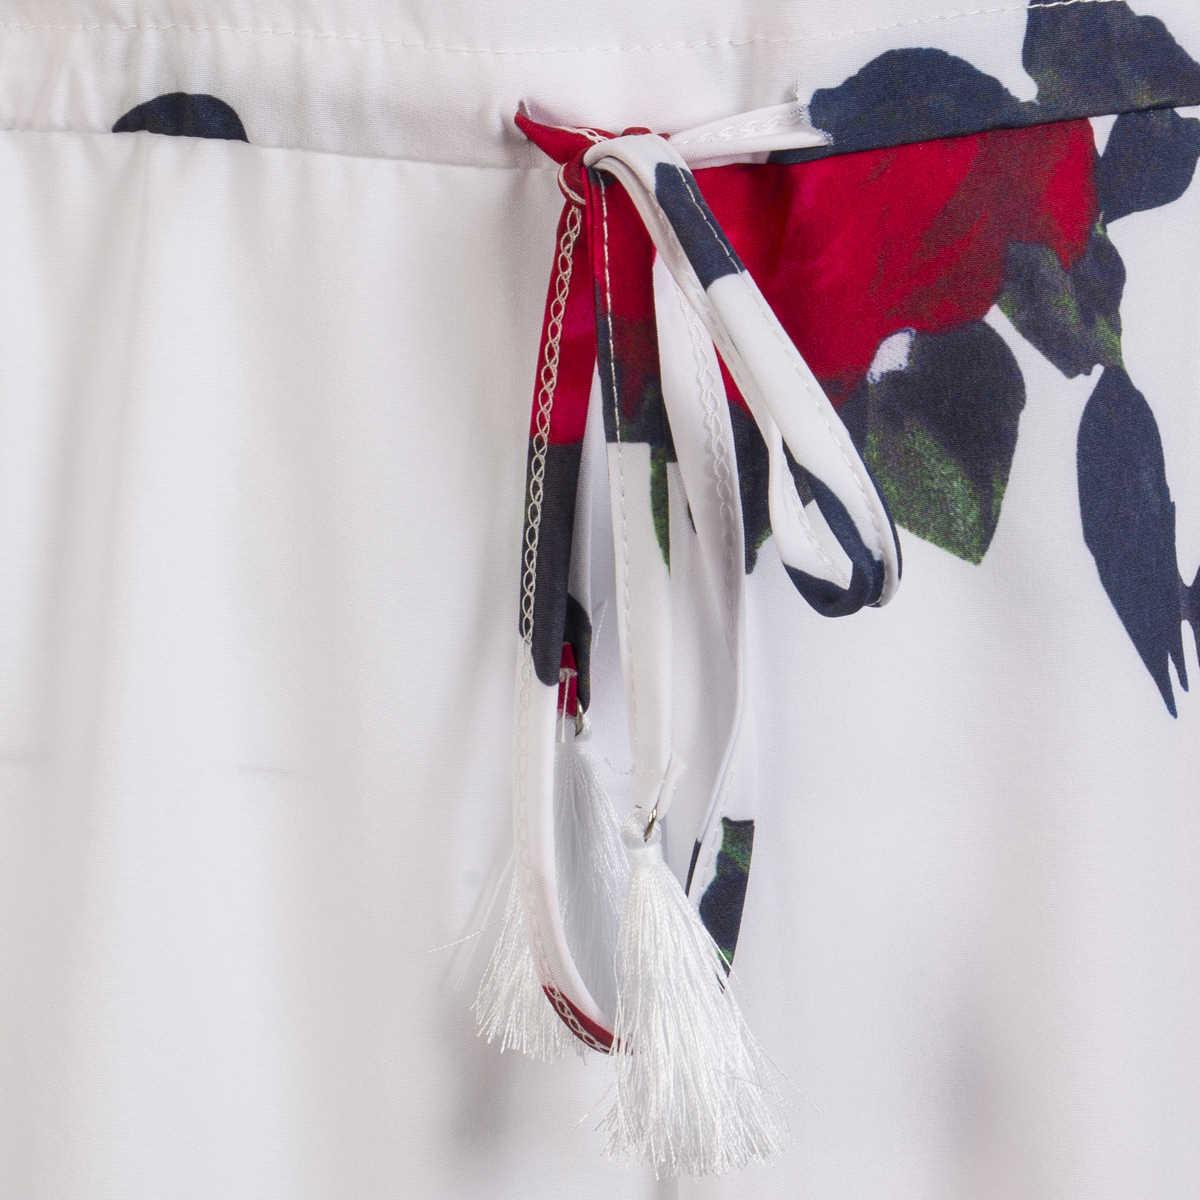 Мода Boho Для женщин Праздник Новый уникальный дизайн с вырезом лодочкой ключицы Соблазнительные шорты комбинезон летний Повседневное пляжный комбинезон, Ромпер пикантные